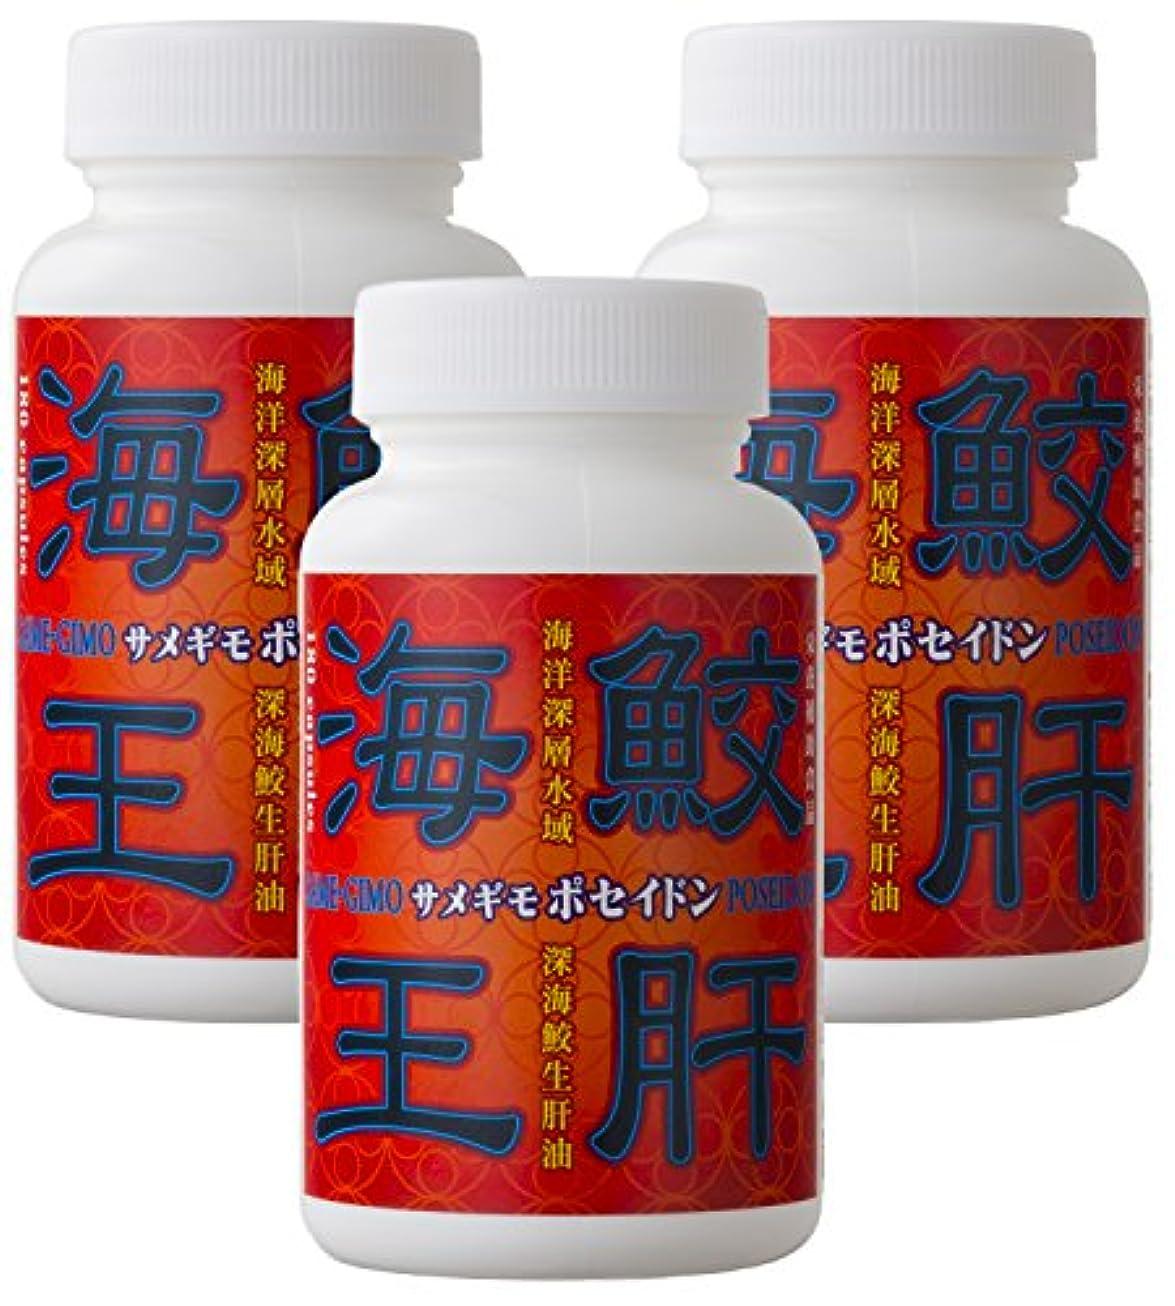 側面十分ではない暖炉エバーライフ 鮫生肝油 「鮫肝海王 (サメギモポセイドン)」 180粒 3本セット